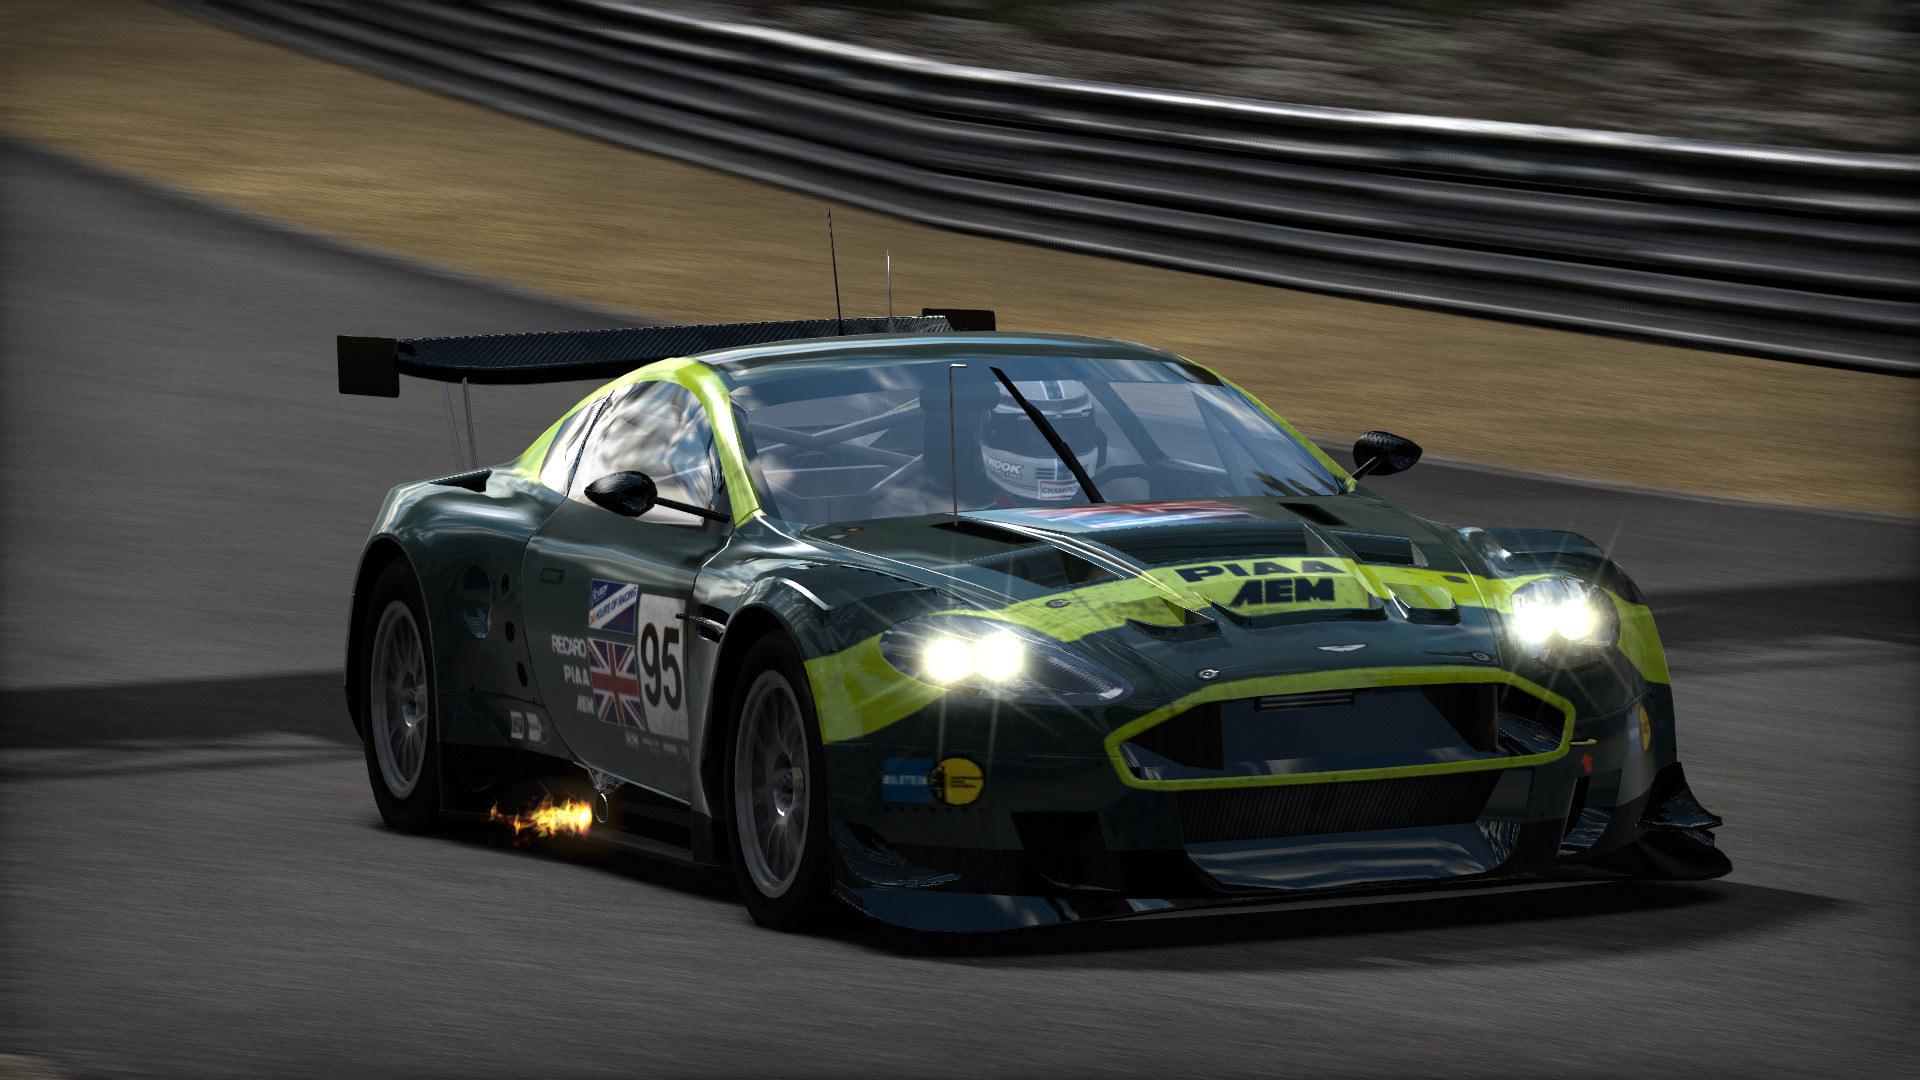 Aston Martin Dbr9 Gt1 Need For Speed Wiki Fandom Powered By Wikia